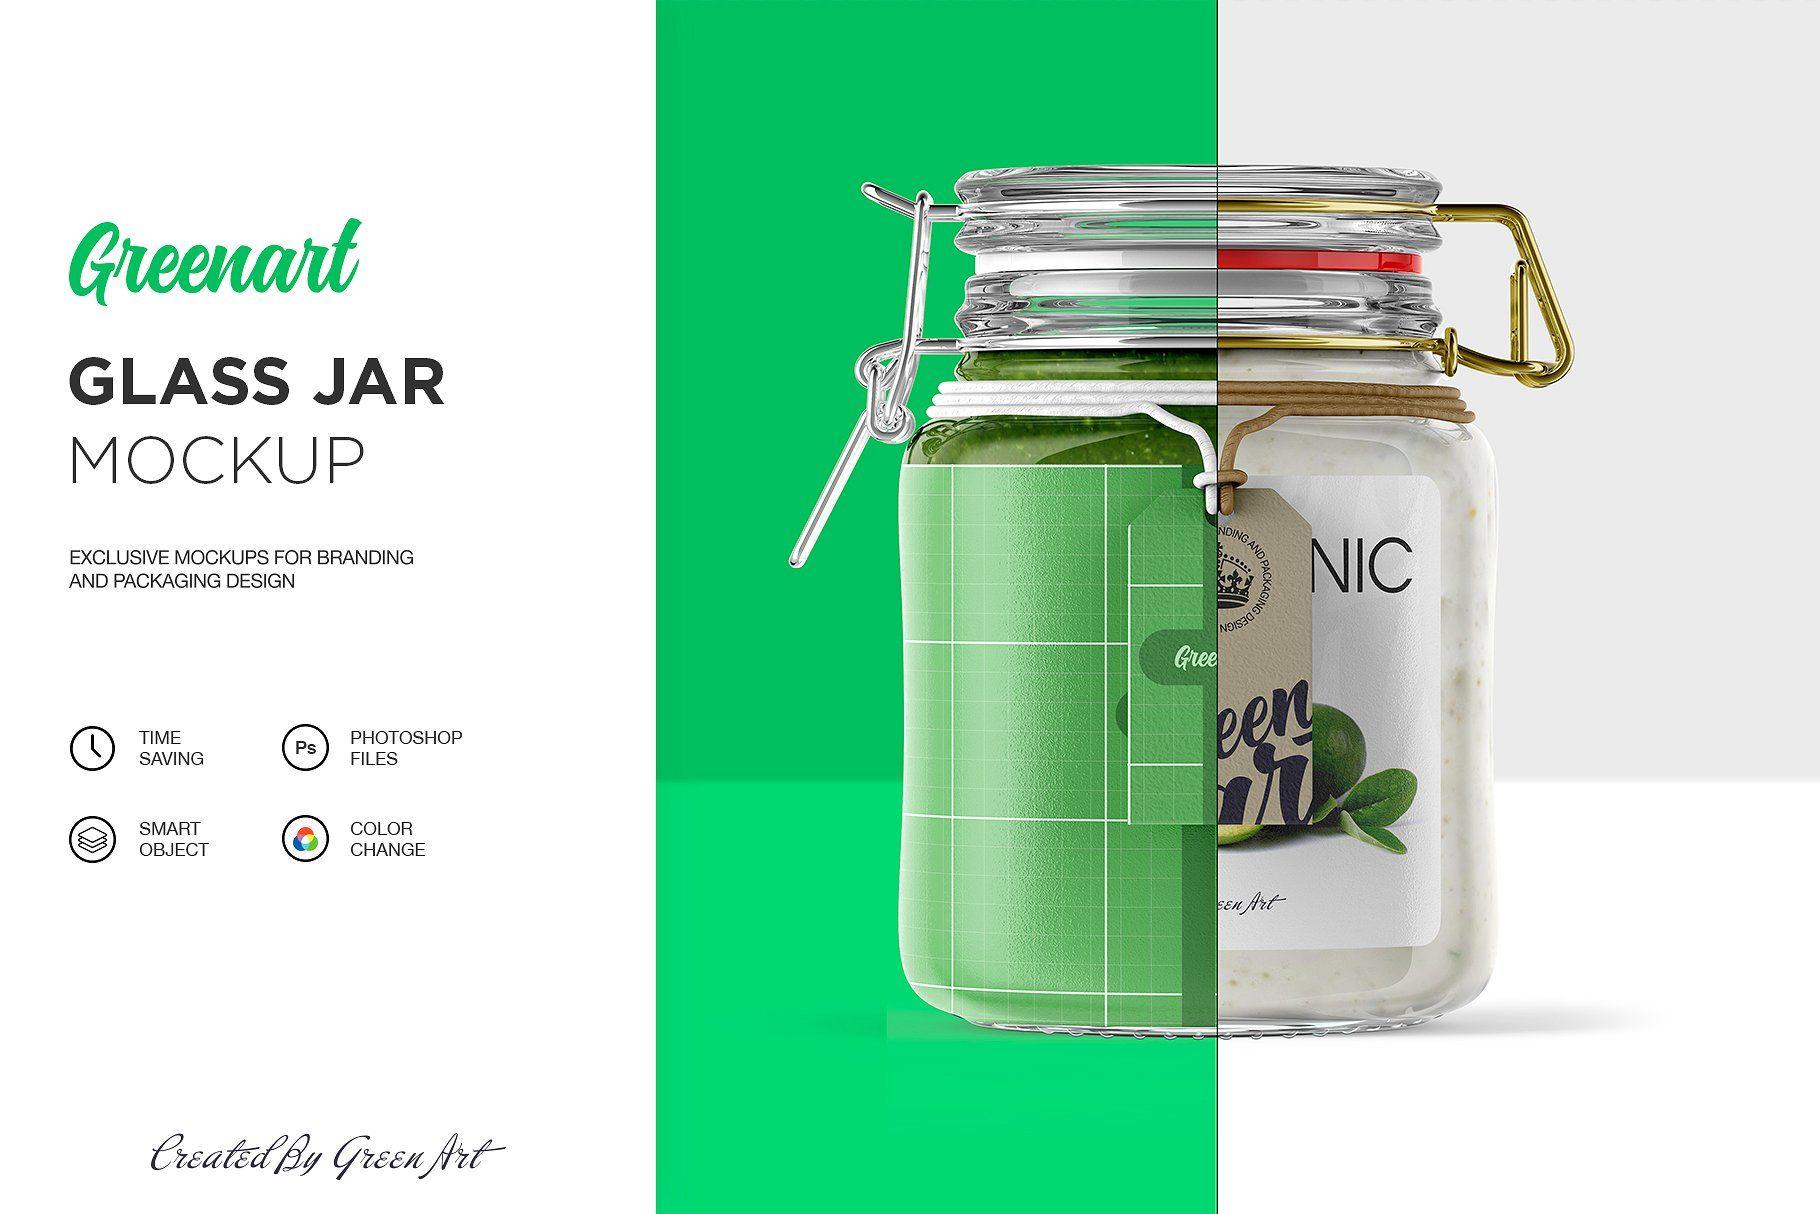 Clear Glass Jar Mockup Clear Glass Jars Glass Jars Glass Dropper Bottles